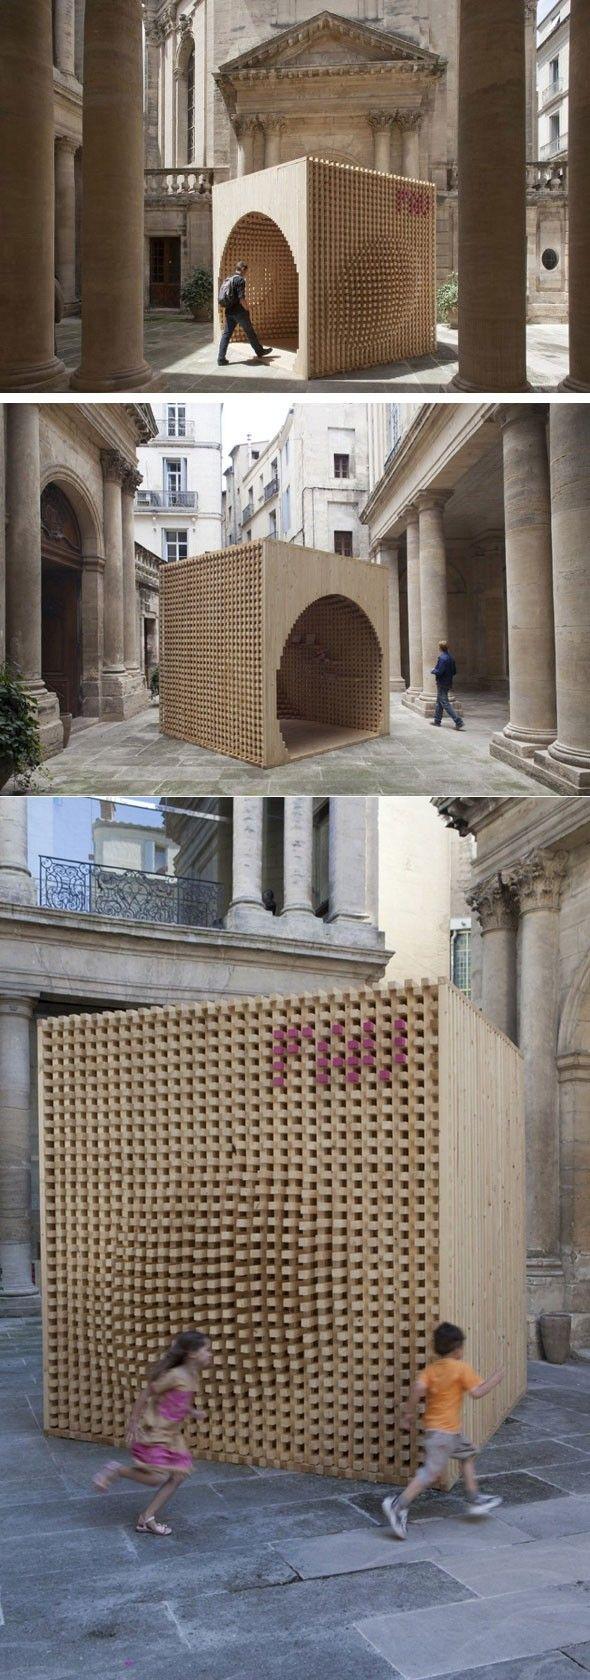 Depuis 2006, le Festival des Architectures Vives à Montpellier, c'est annuellement : 12 cours d'hôtels particuliers, 12 créations éphémères, 12 lieux de rencontres et d'échanges, 8 000 visiteurs. Le Pavillon d'accueil est le point de départ du Festival des Architectures Vives. Il a pour vocation d'informer et de renseigner les visiteurs afin de les guider dans leur parcours. Cette année le pavillon a été réalisé par L'ateliervecteur